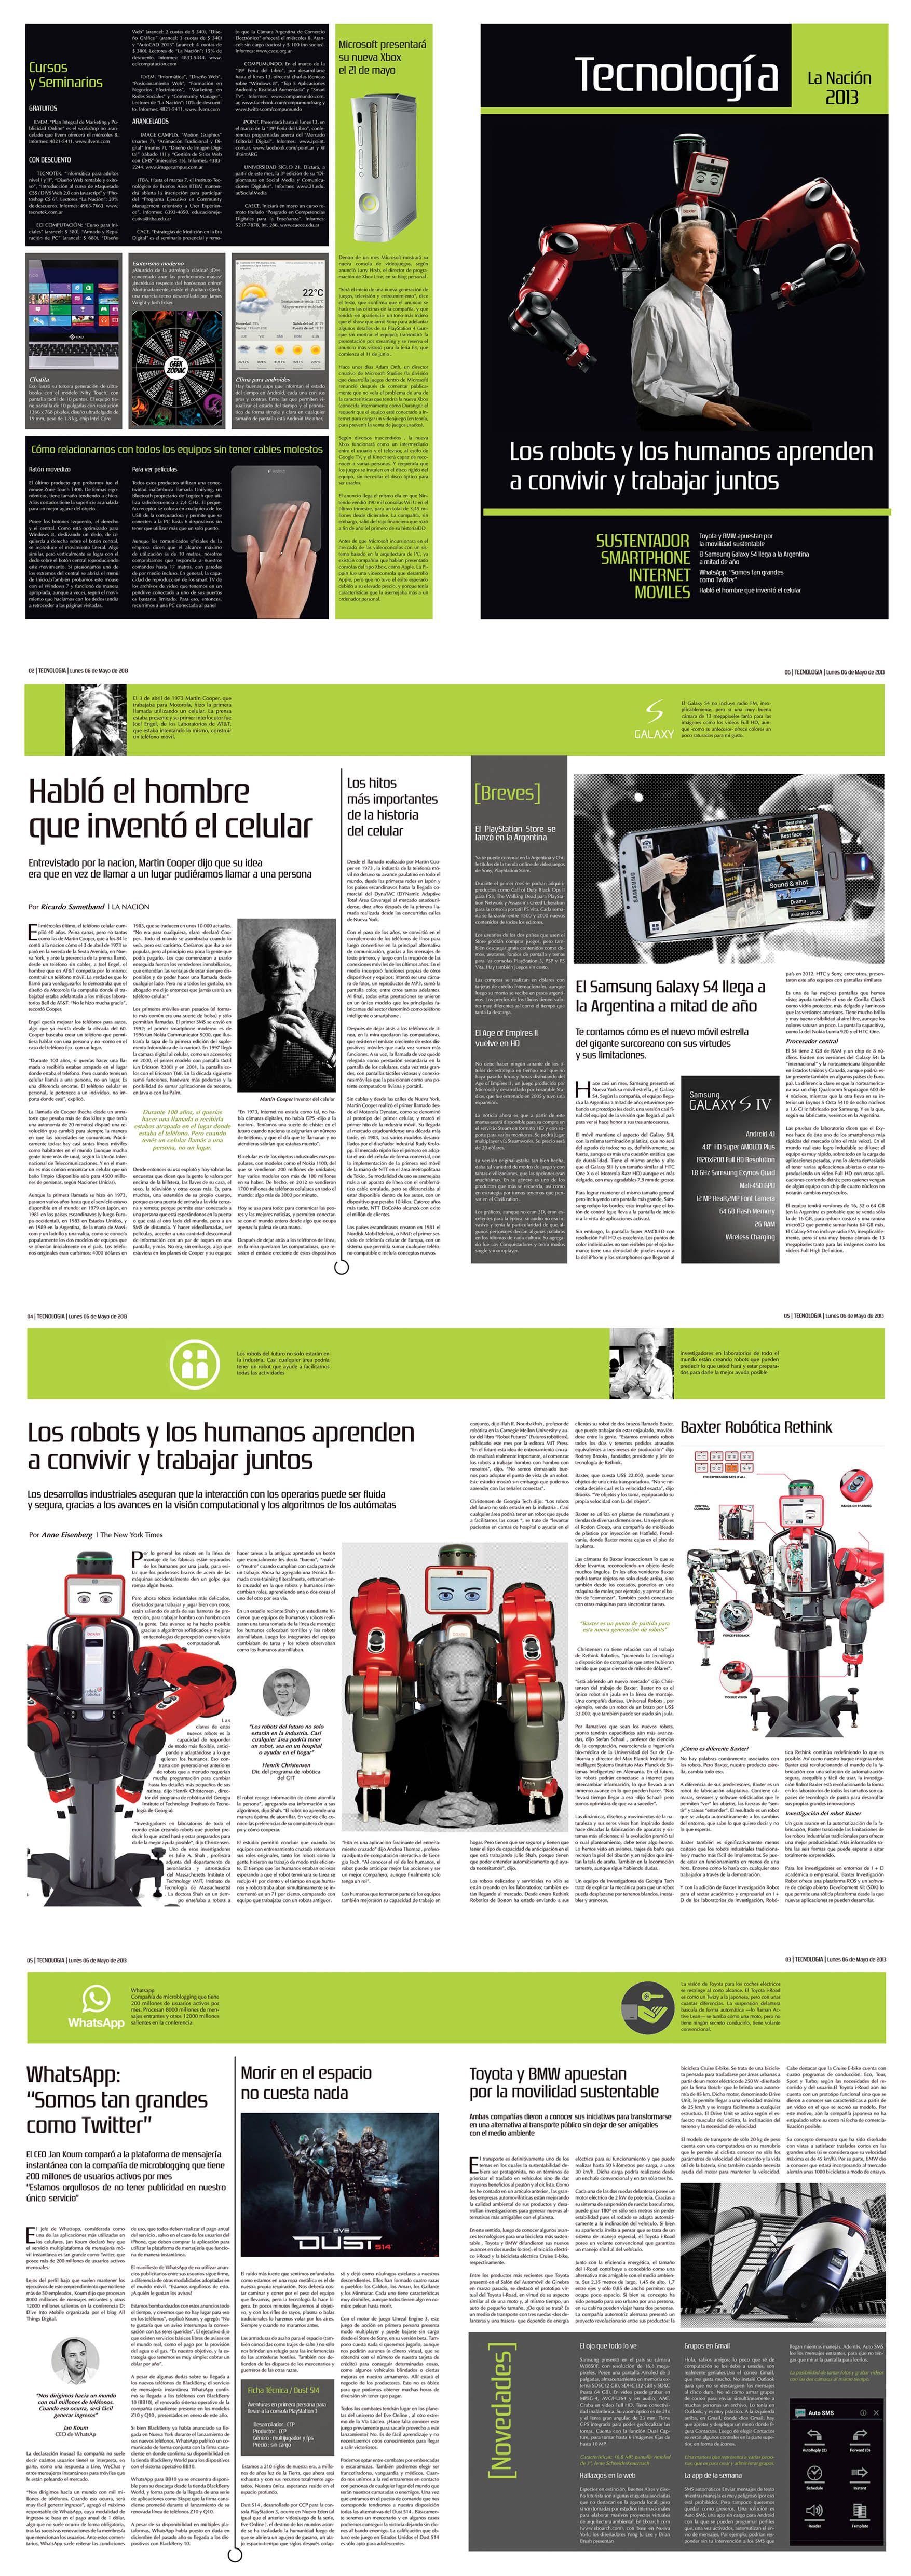 """Suplemento de Tecnologia - Diario """"La Nación"""" - Catedra Mazzeo"""